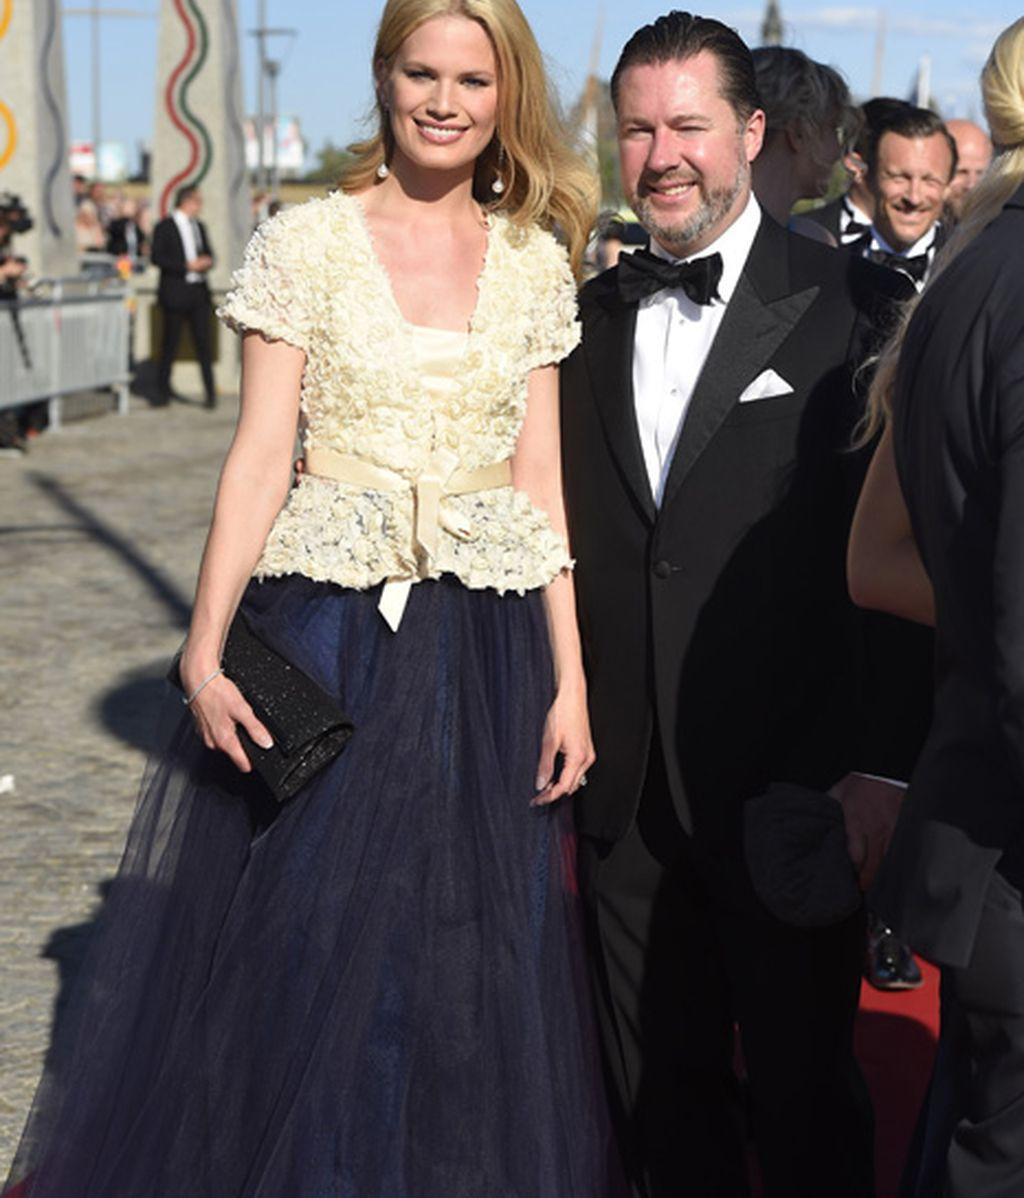 La modelo Vicky Andrén, mujer del hijo de la princesa Cristina, la hermana del rey Carlos Gustavo